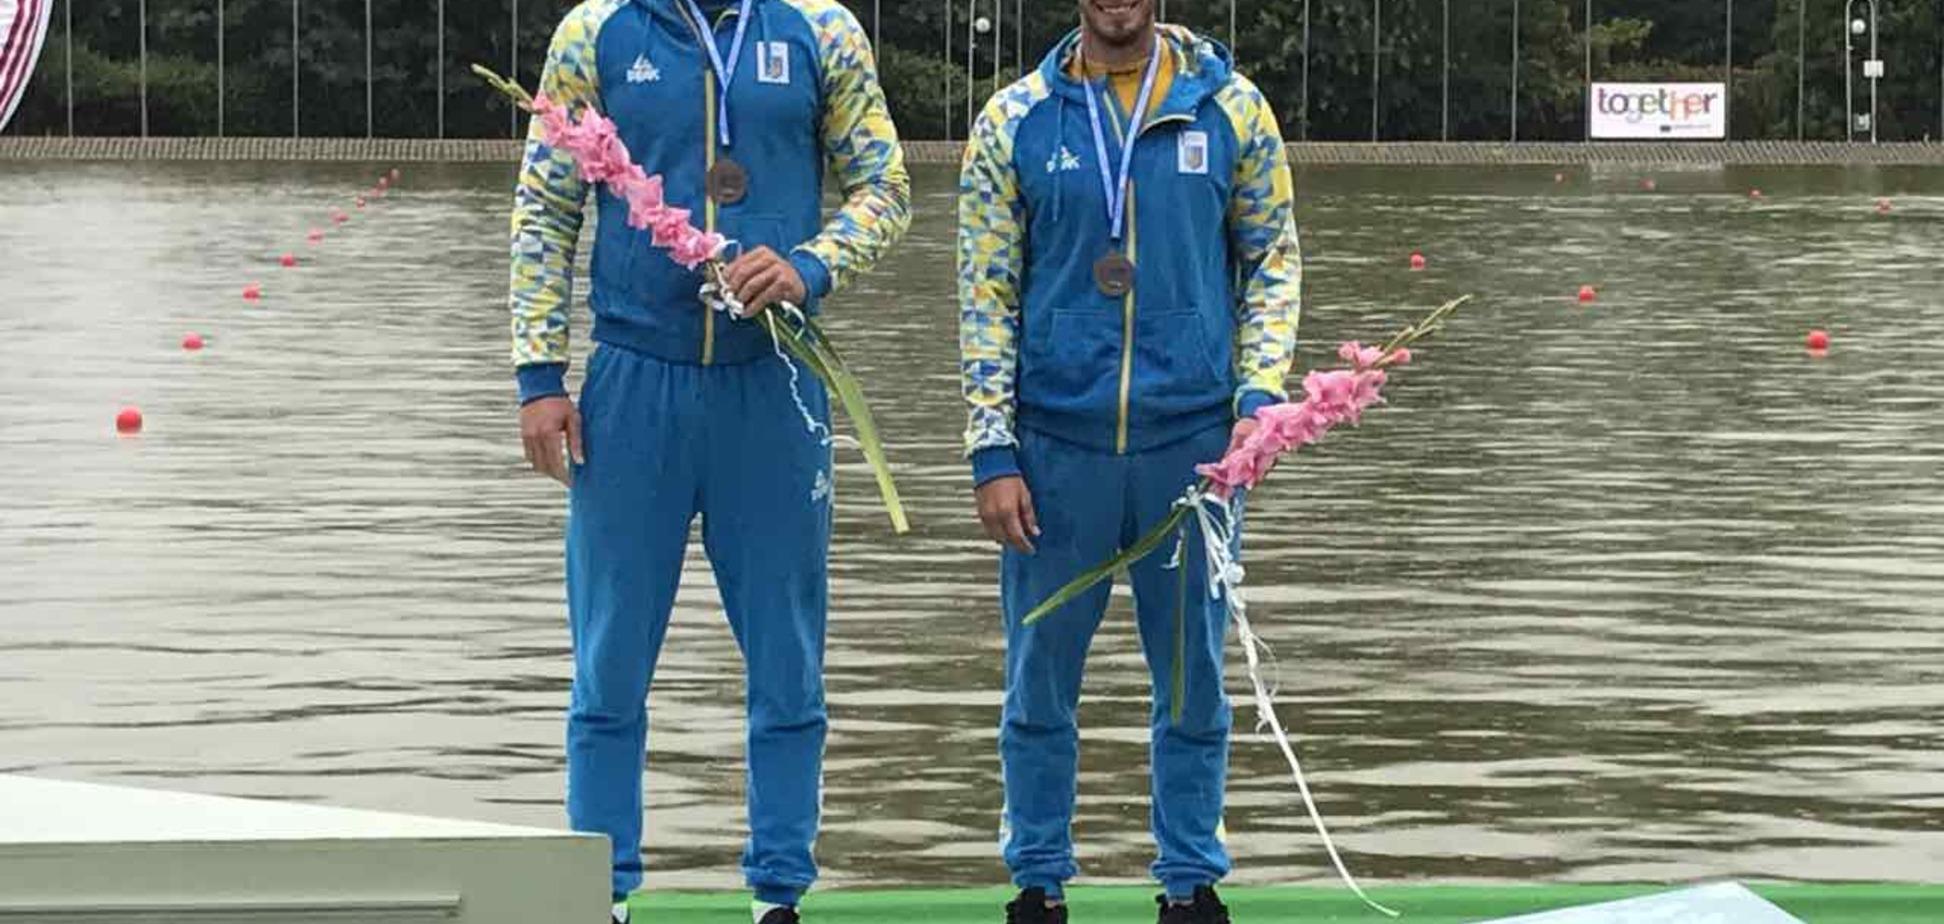 Украинских призеров ЧЕ лишили медали в пользу России